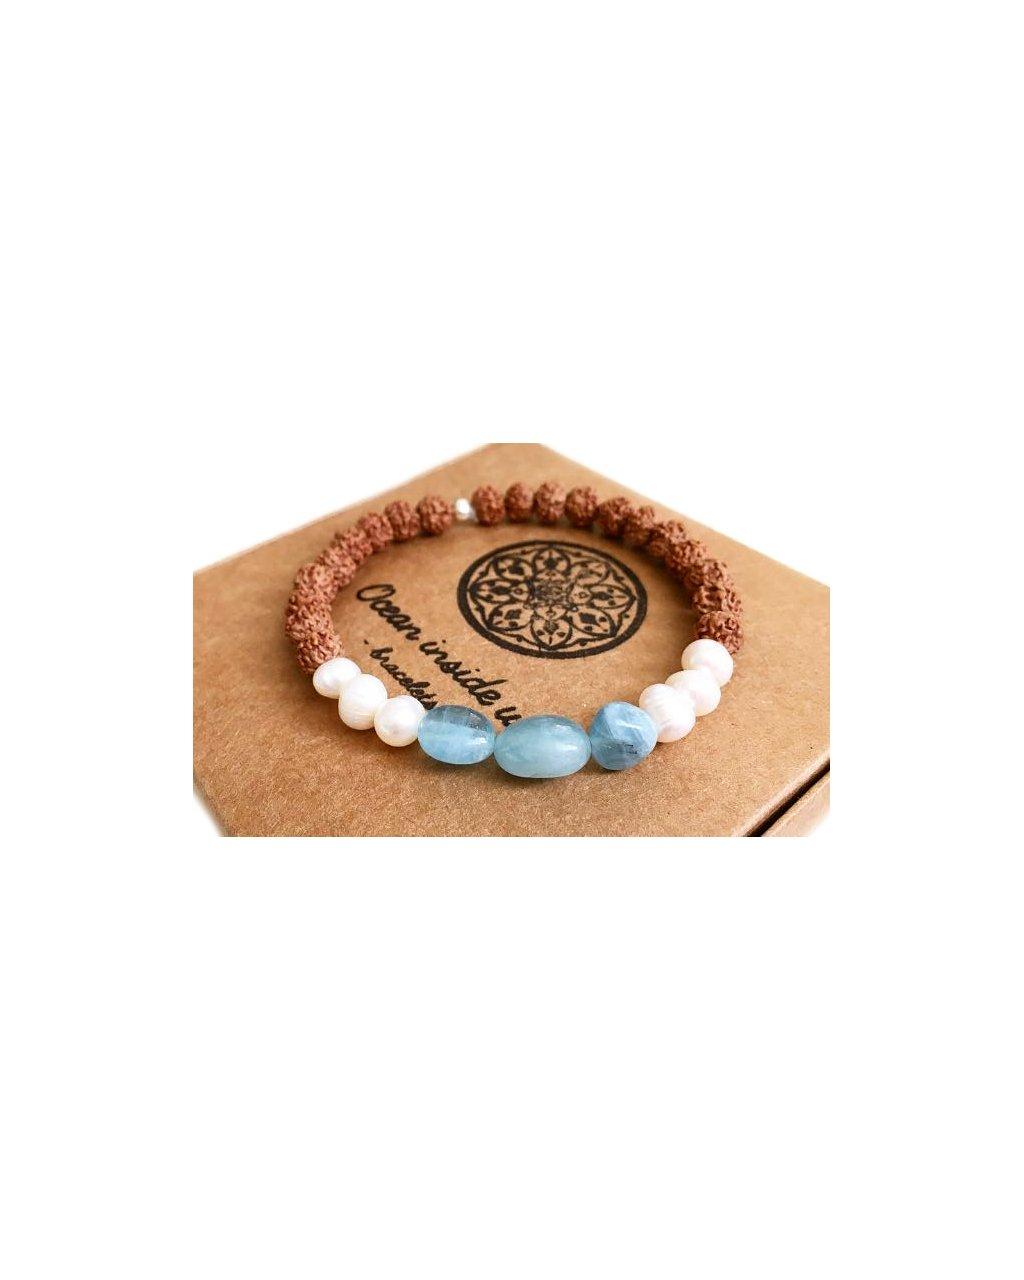 Náramek z minerálů rustikální akvamarín s říčními perlami a rudrakshou